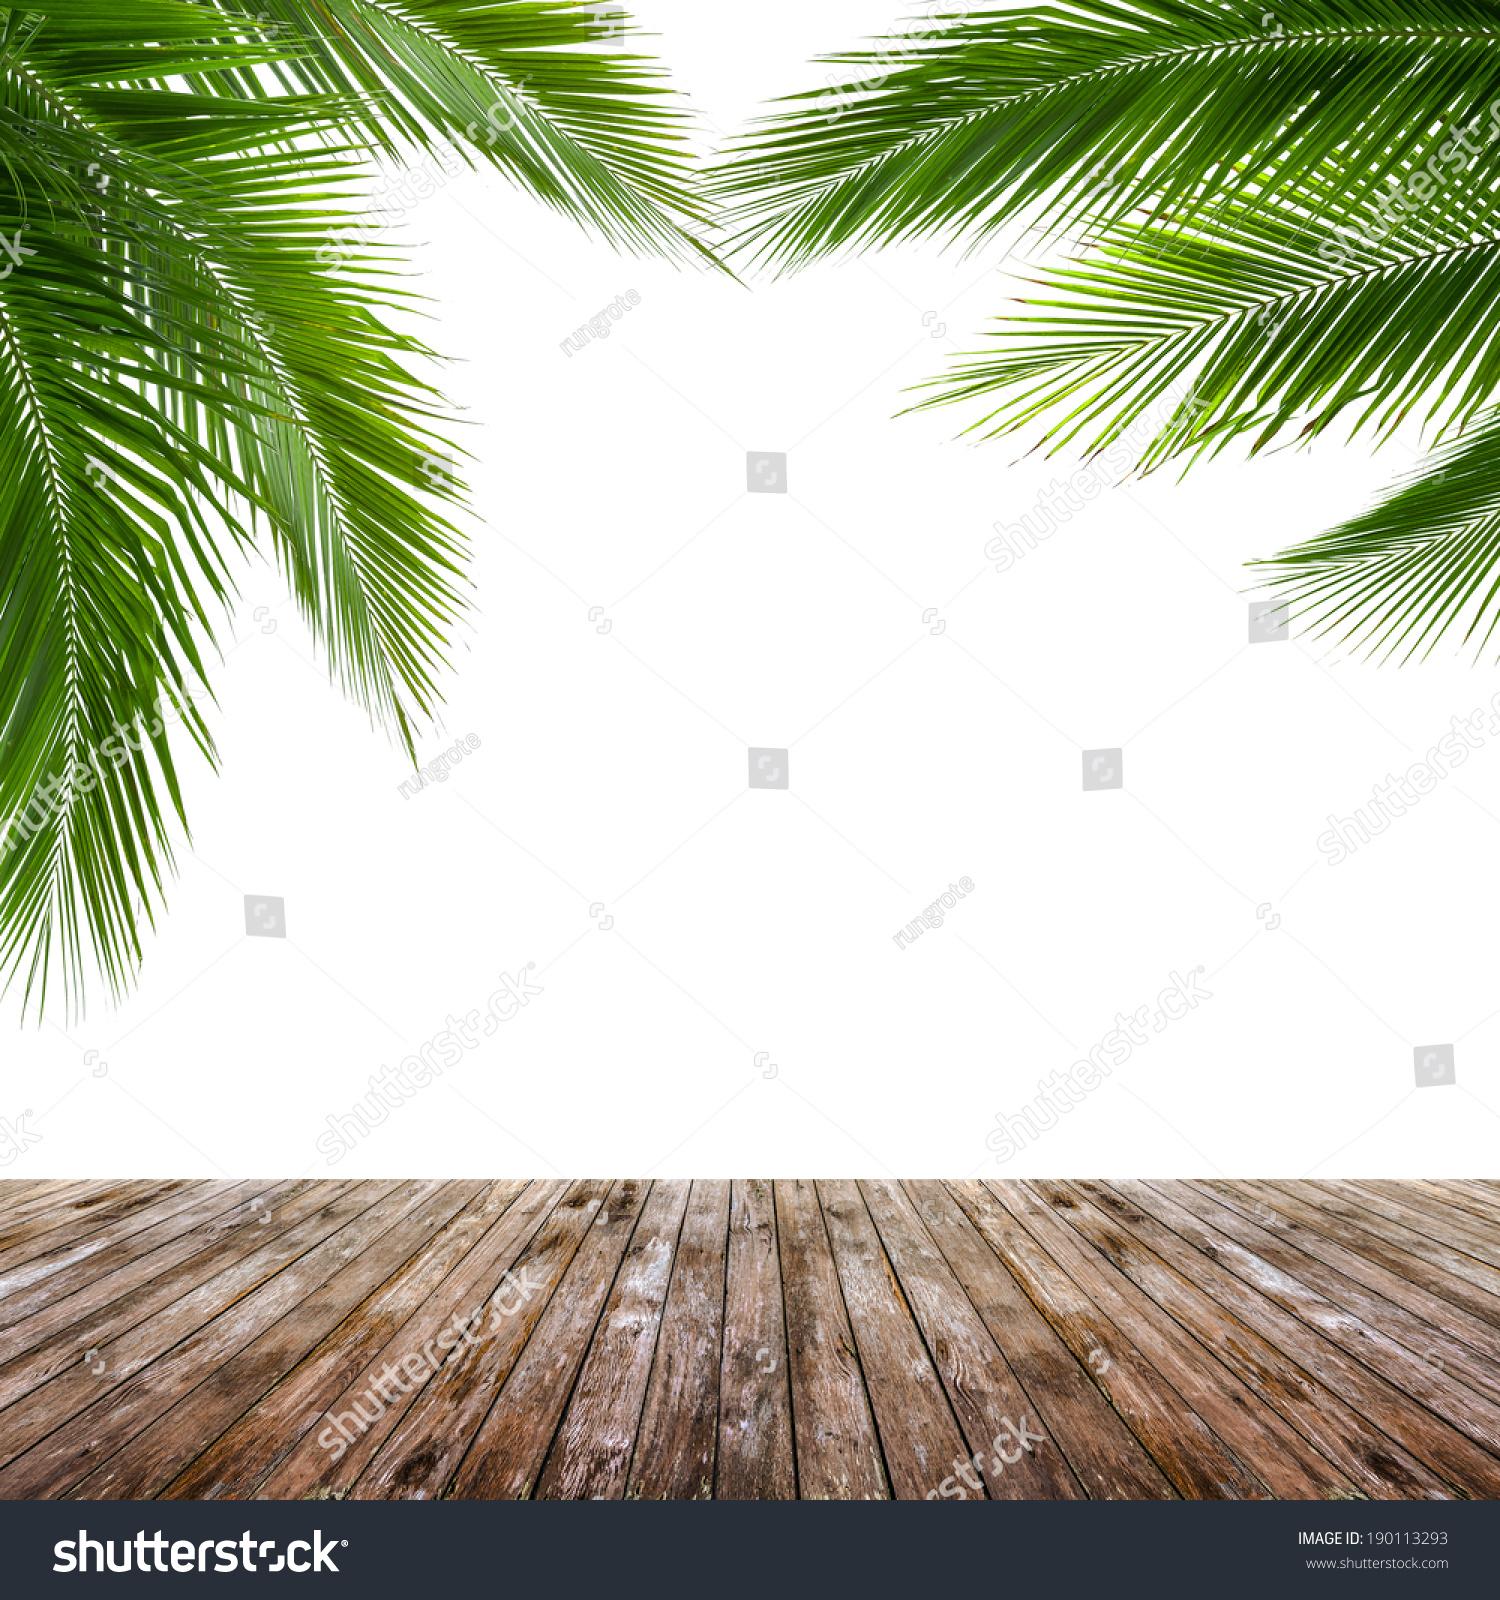 椰子树叶和木地板孤立在白色背景,设计取代任何海滩背景 - 背景/素材,自然 - 站酷海洛创意正版图片,视频,音乐素材交易平台 - Shutterstock中国独家合作伙伴 - 站酷旗下品牌